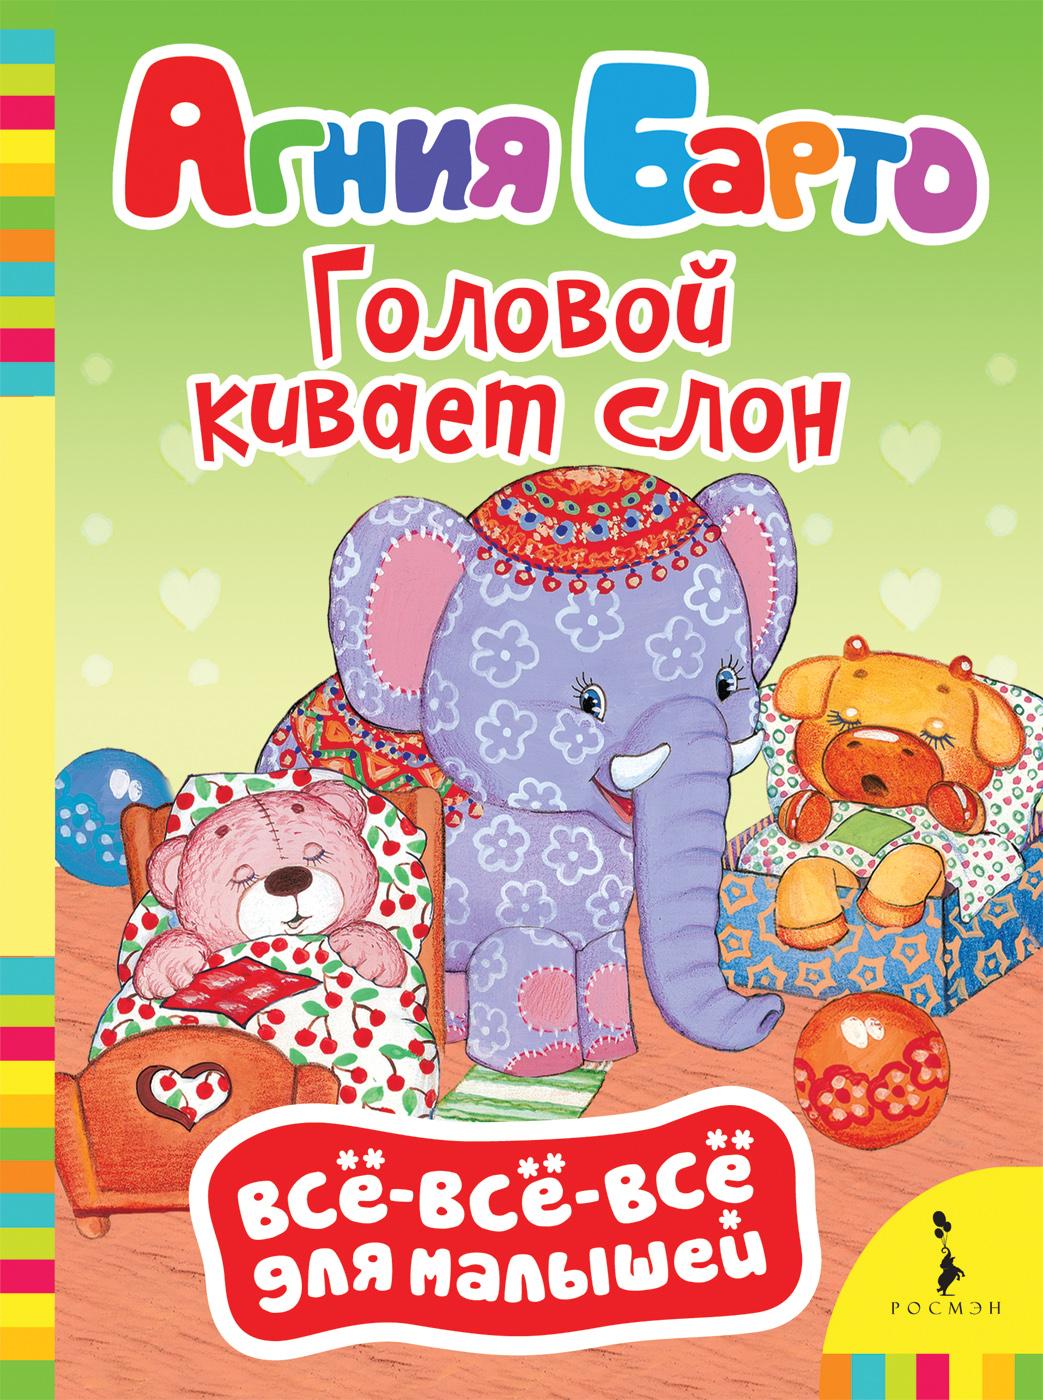 цена на Барто А.Л. Барто А. Головой кивает слон (ВВВМ) (рос)